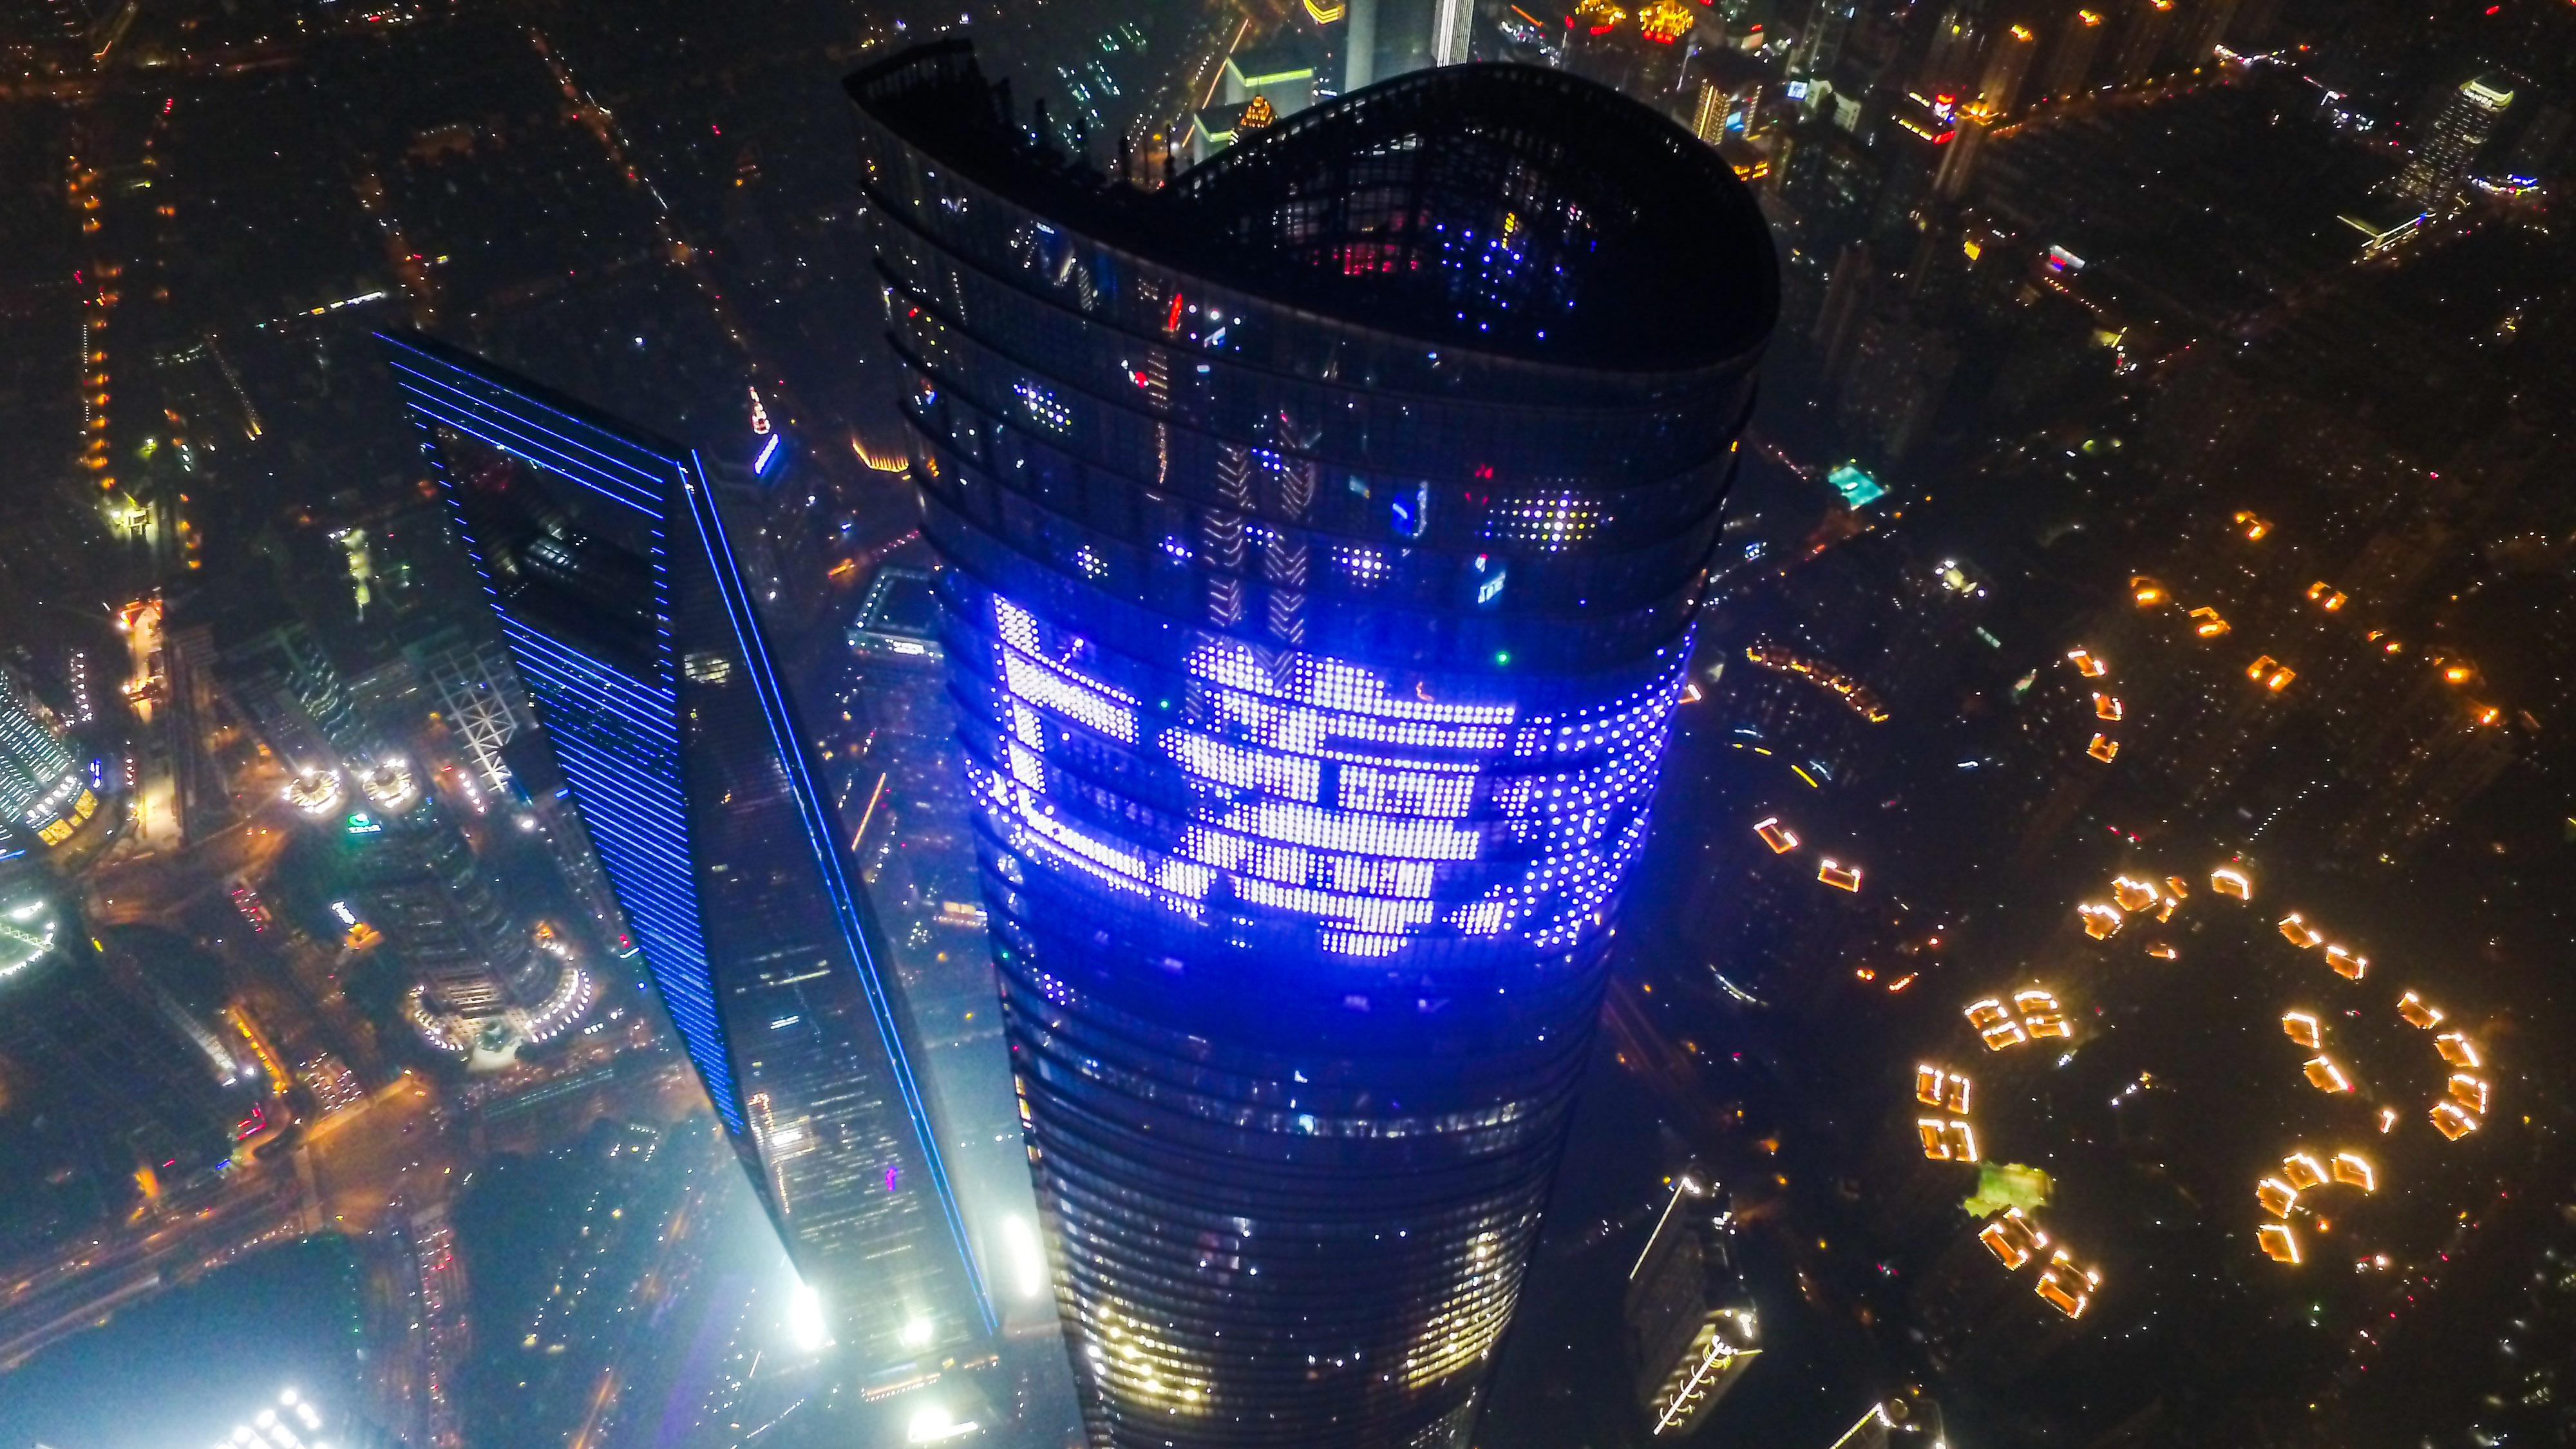 应勇:2019年上海将精心办好第二届进口博览会